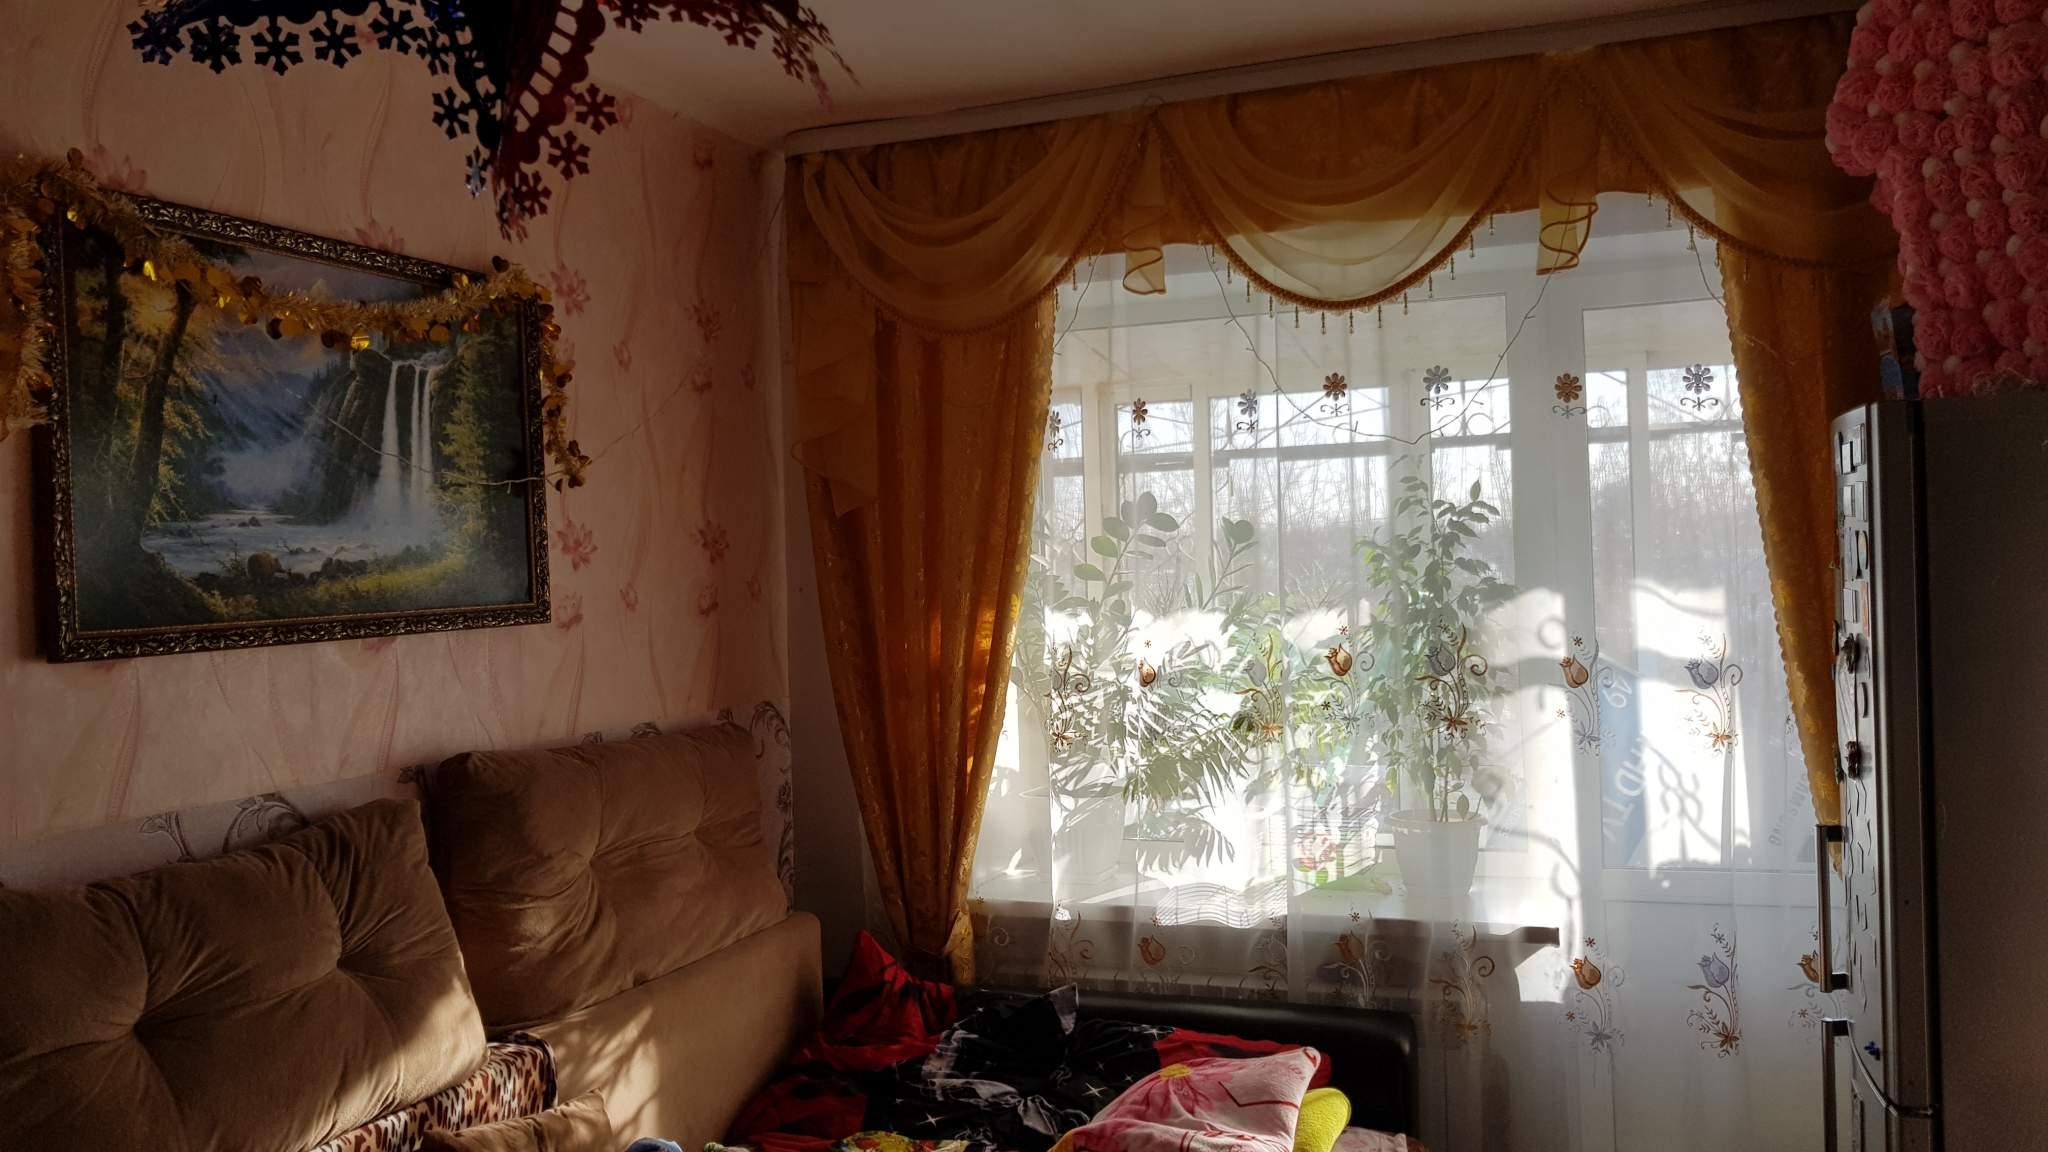 Квартира на продажу по адресу Россия, Тюменская обл, Тюмень, Судостроителей улица, 29